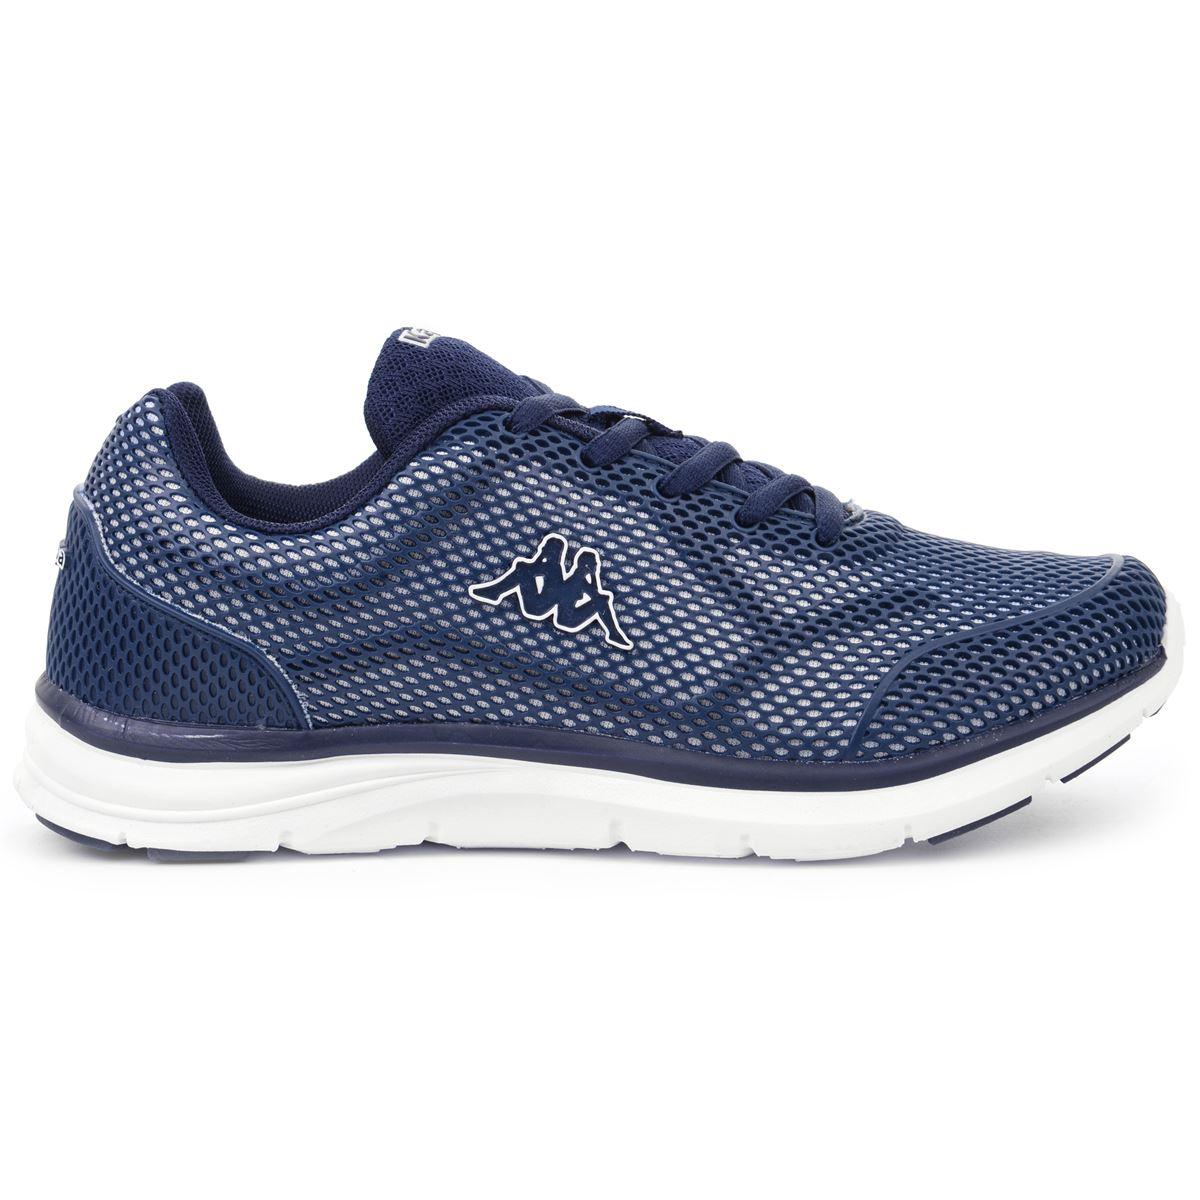 Zapatillas deportivas Kappa Sneakers Hombre Mujer LOGO QUANTUM 2